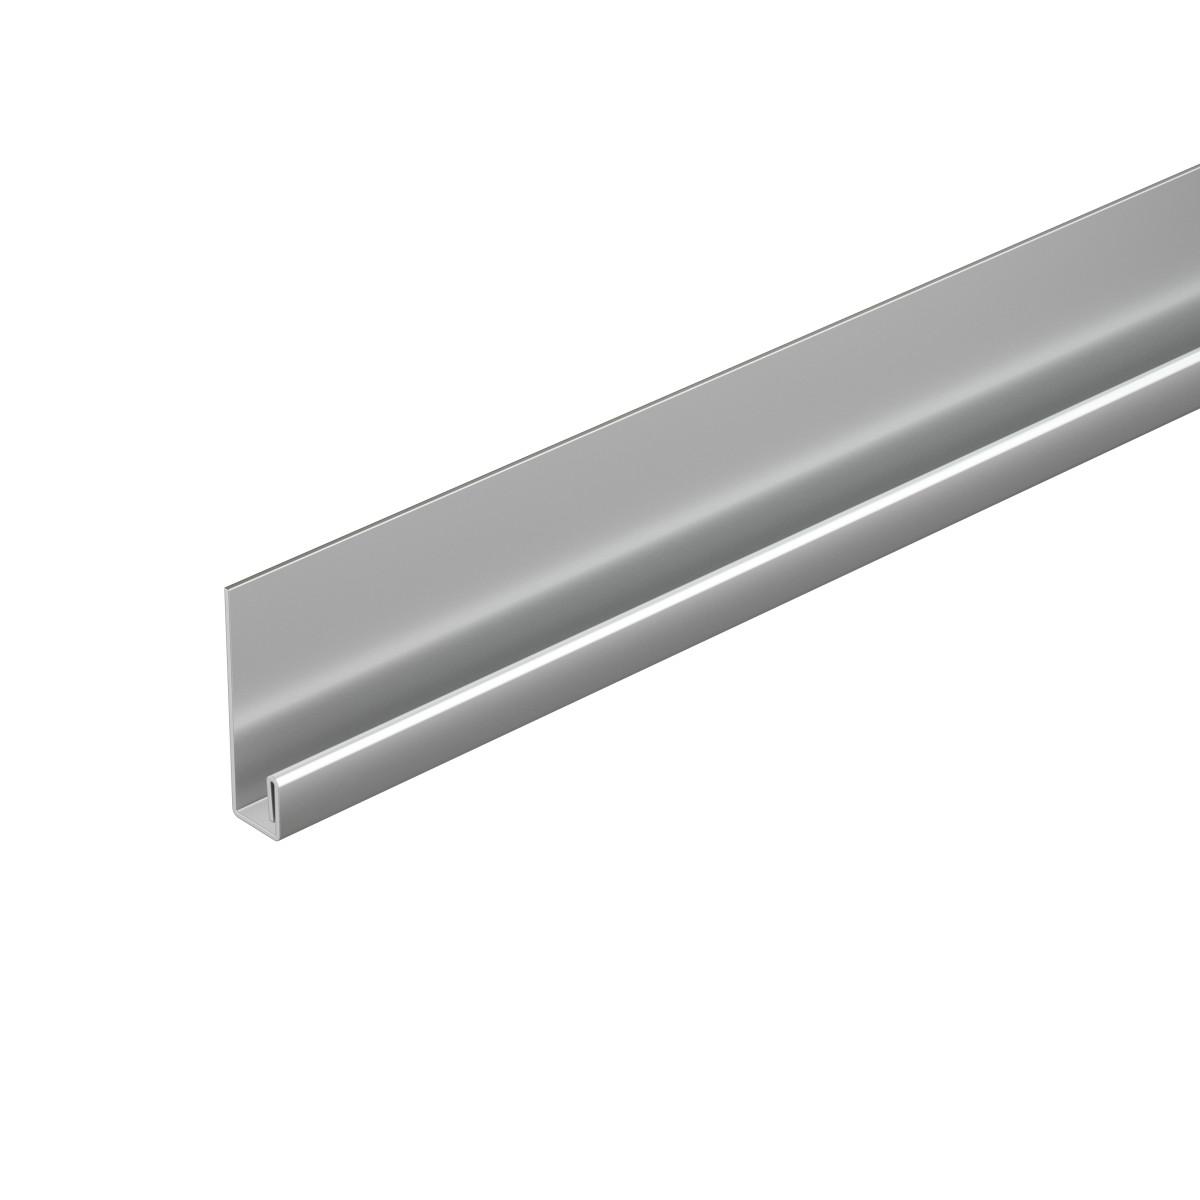 Профиль стартовый Dacha для фасадных панелей металл 2 м